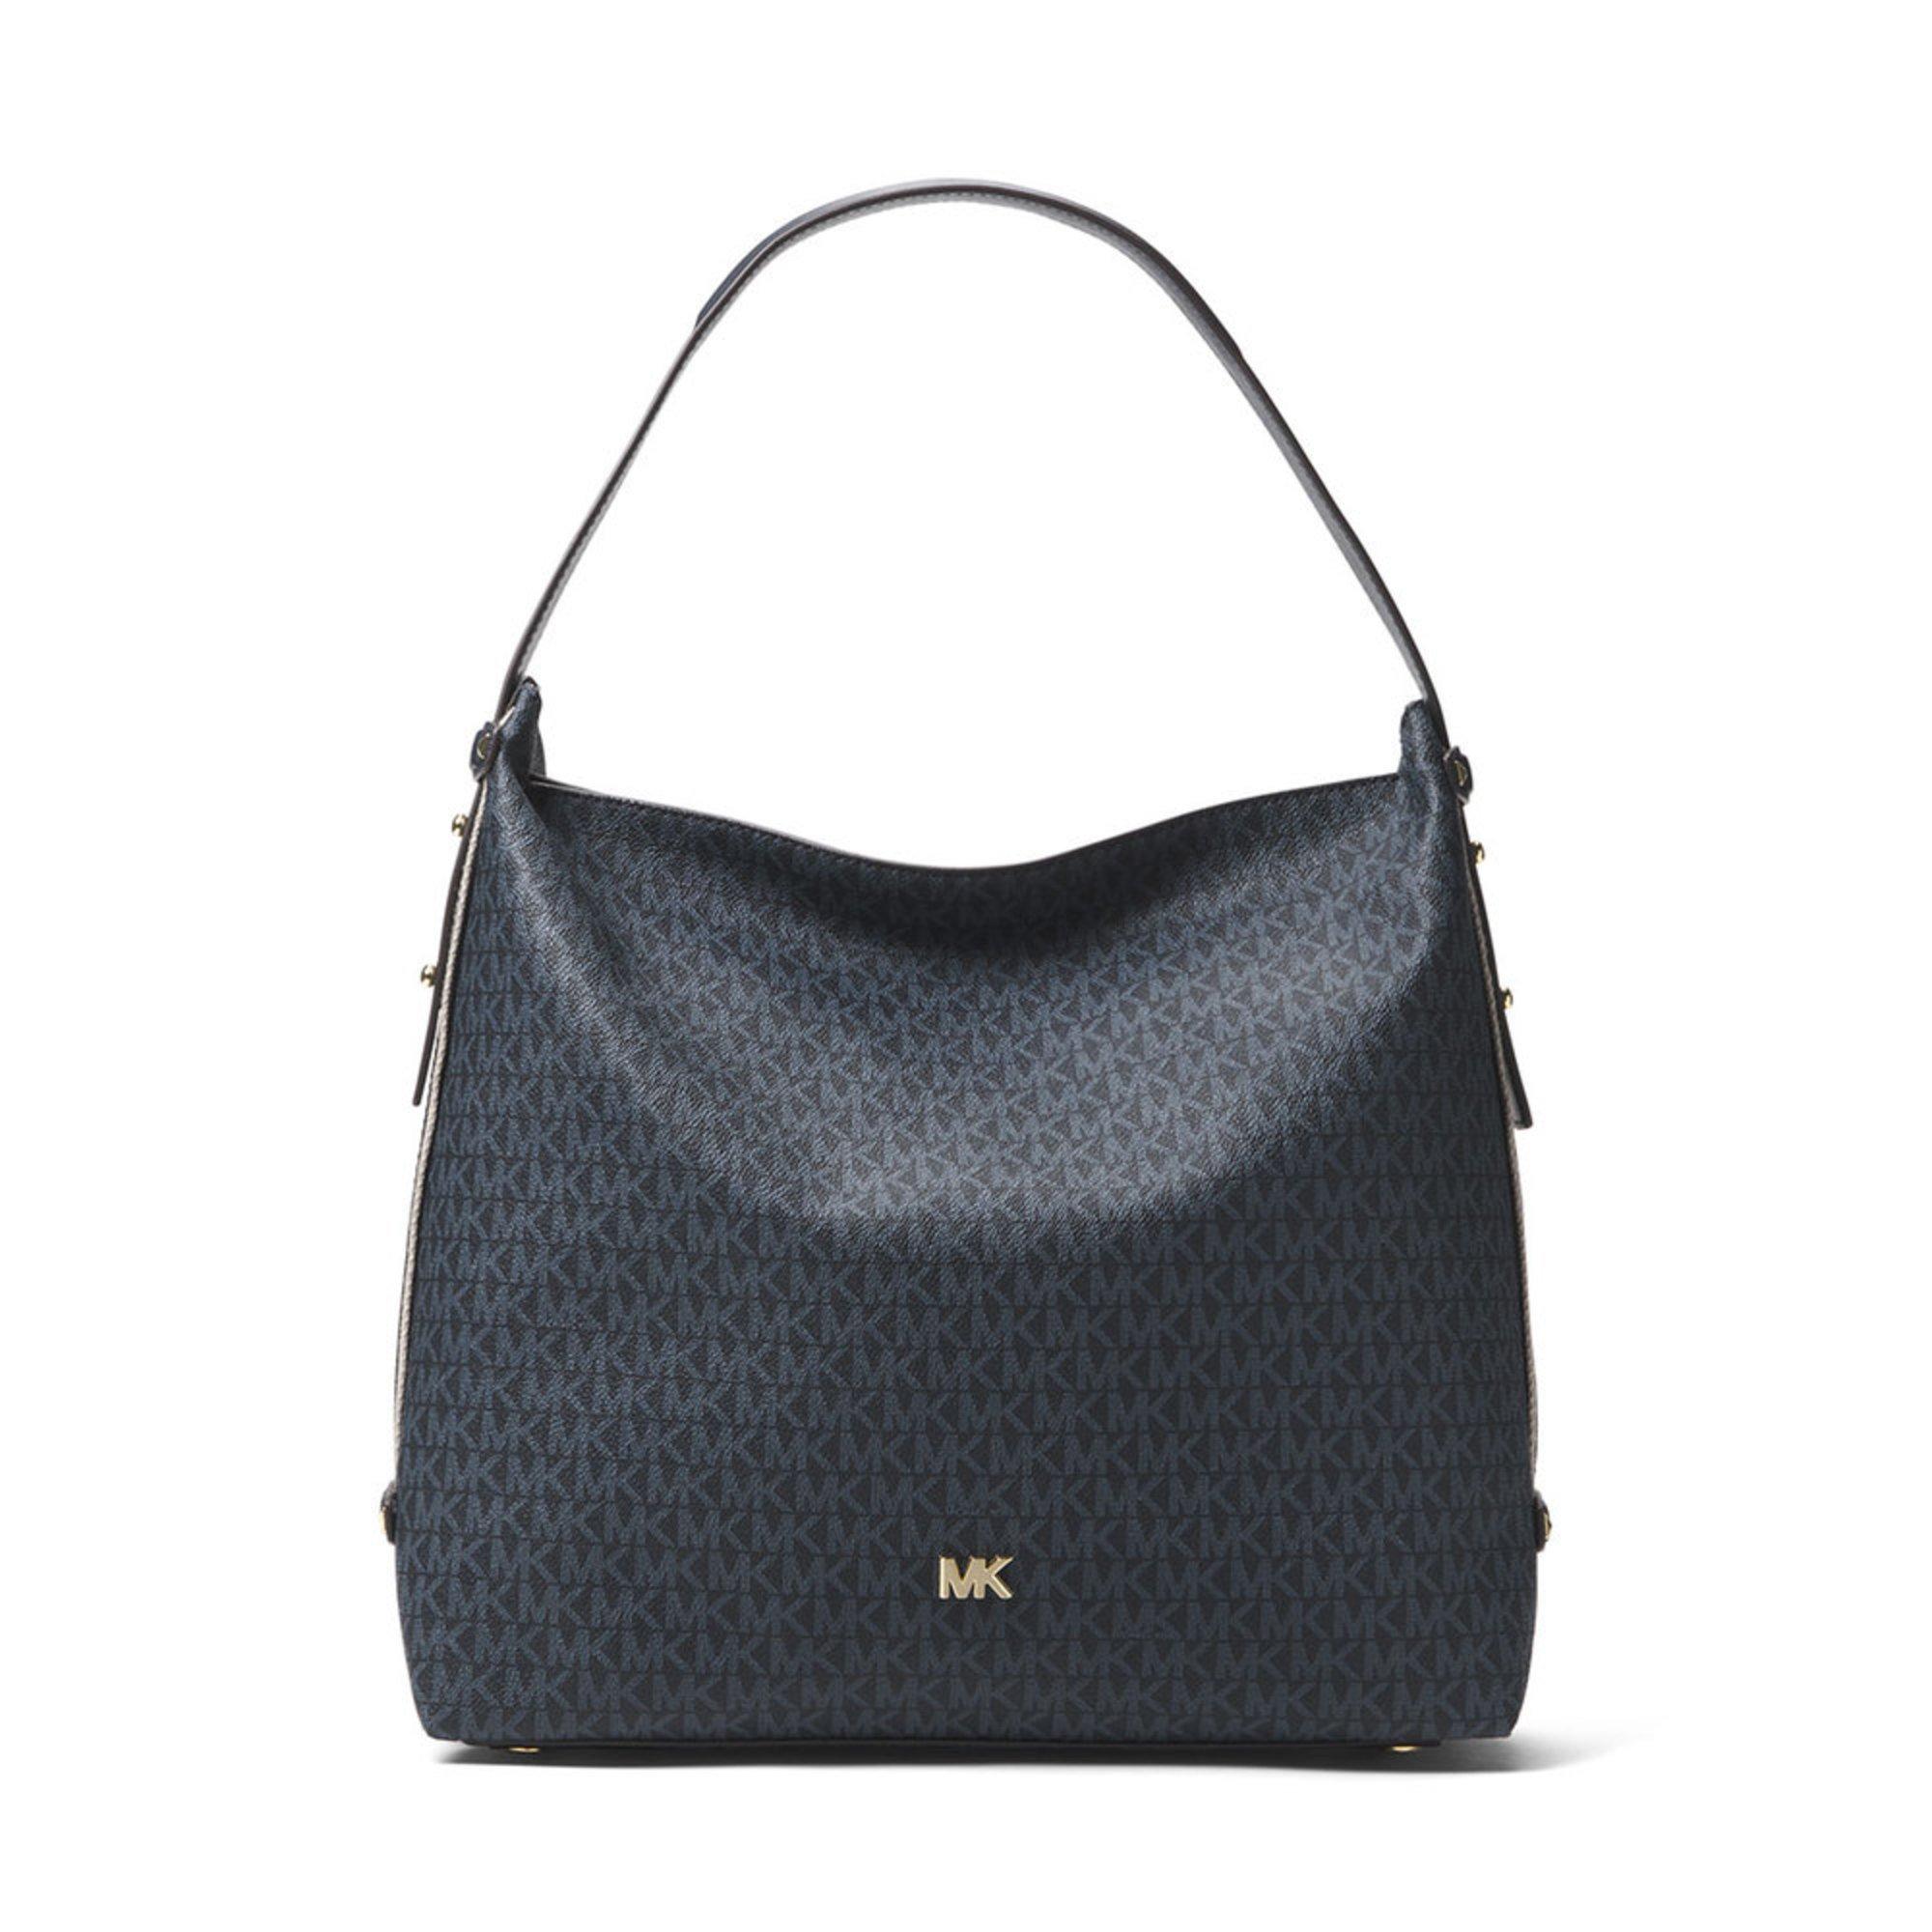 Hobo Bags 0